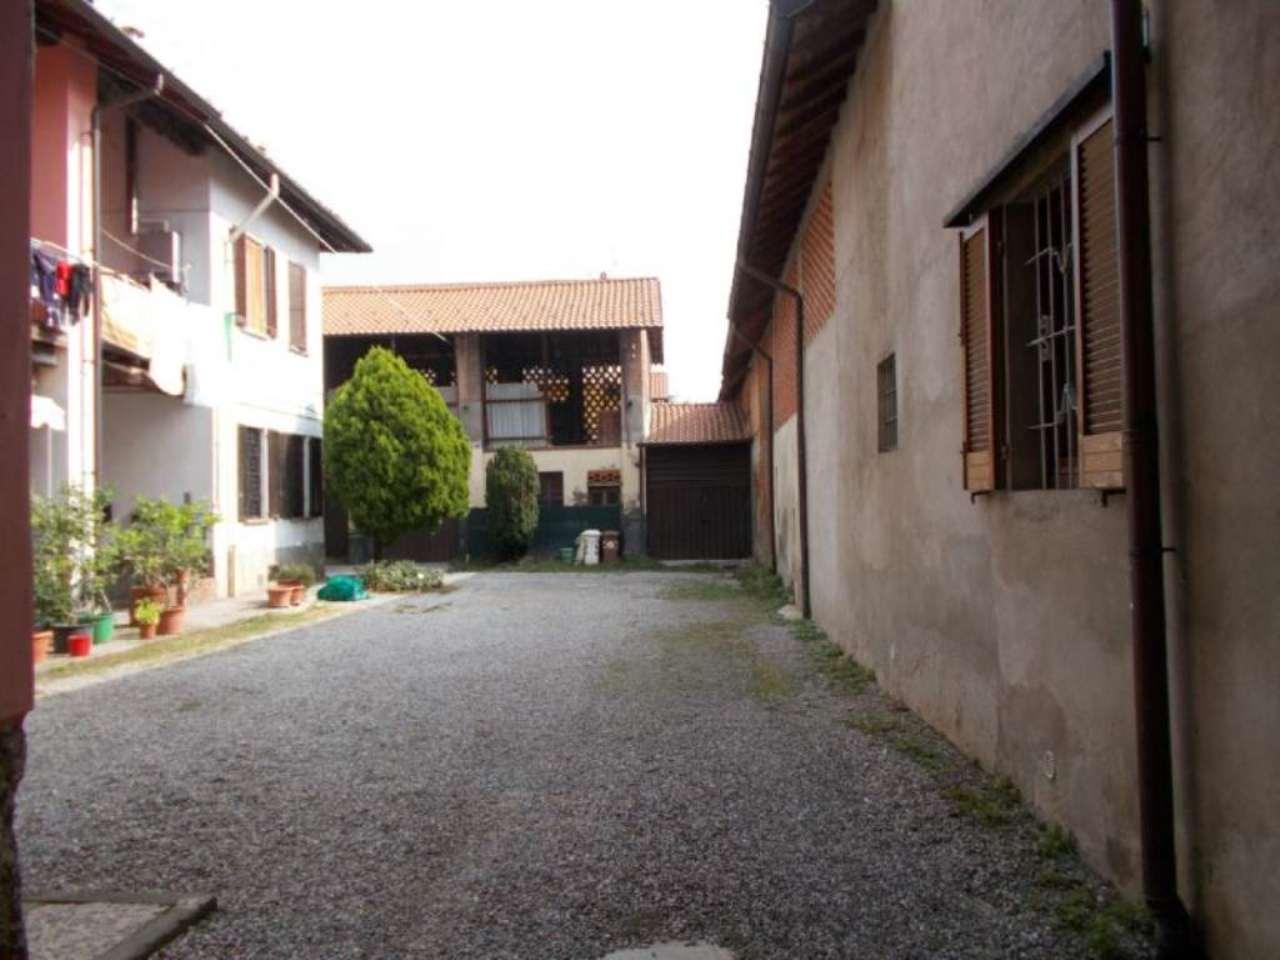 Rustico / Casale in vendita a Cavenago di Brianza, 3 locali, prezzo € 75.000 | CambioCasa.it